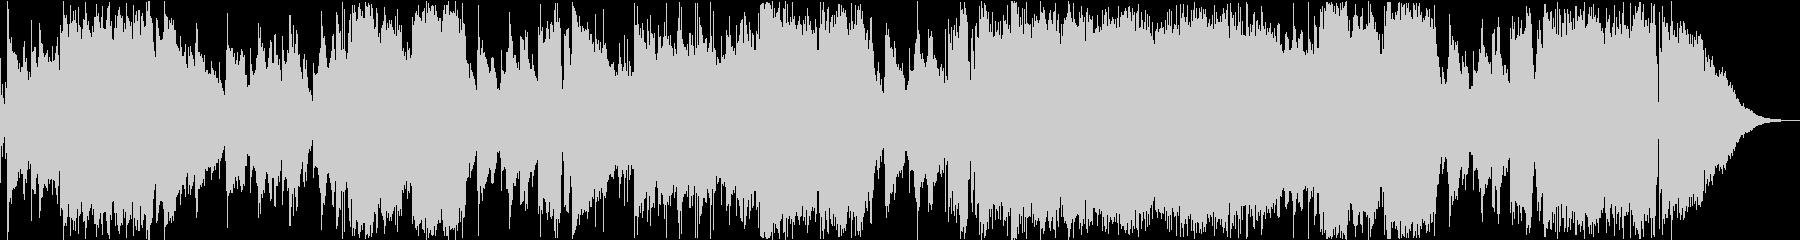 架空のアニメ「マスター・アルコ」EDの未再生の波形